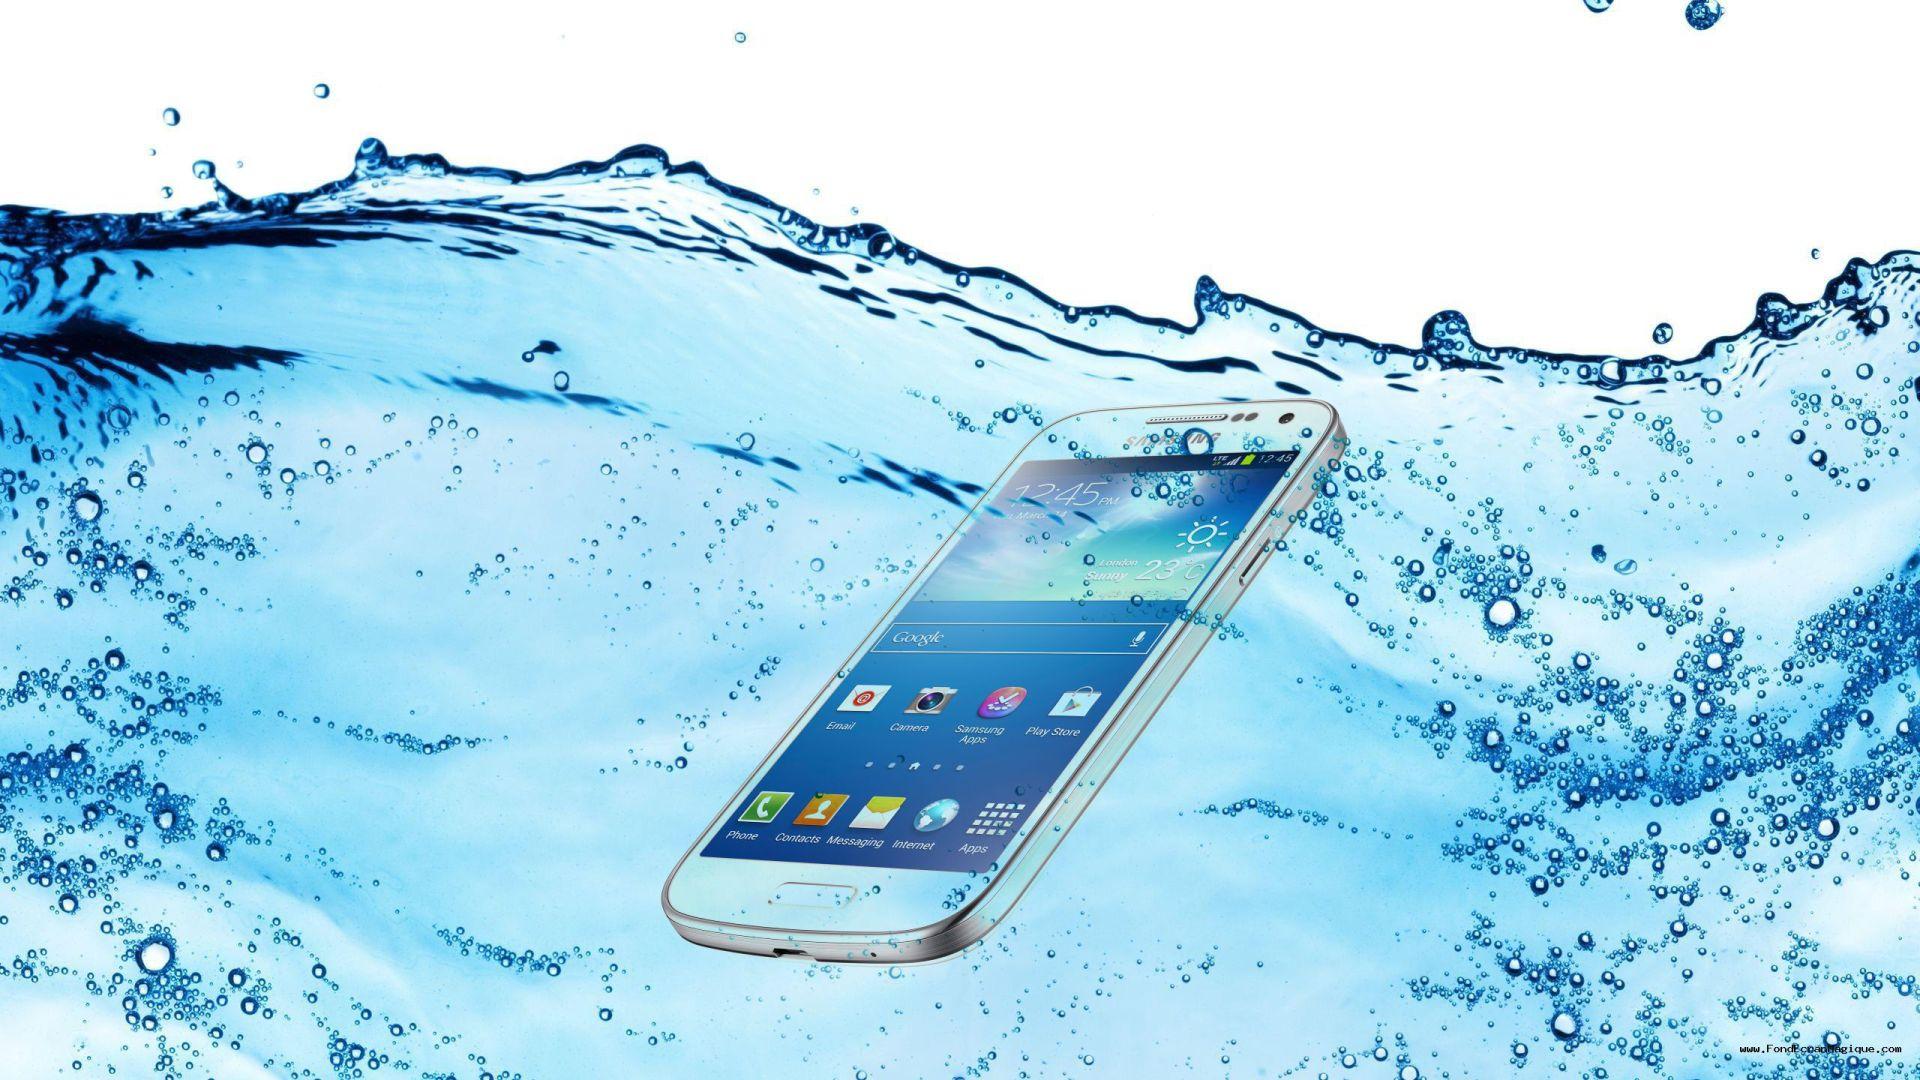 Galaxy S5 mini et Mega 7.0 : résistance à l'eau et format hors-norme chez Samsung